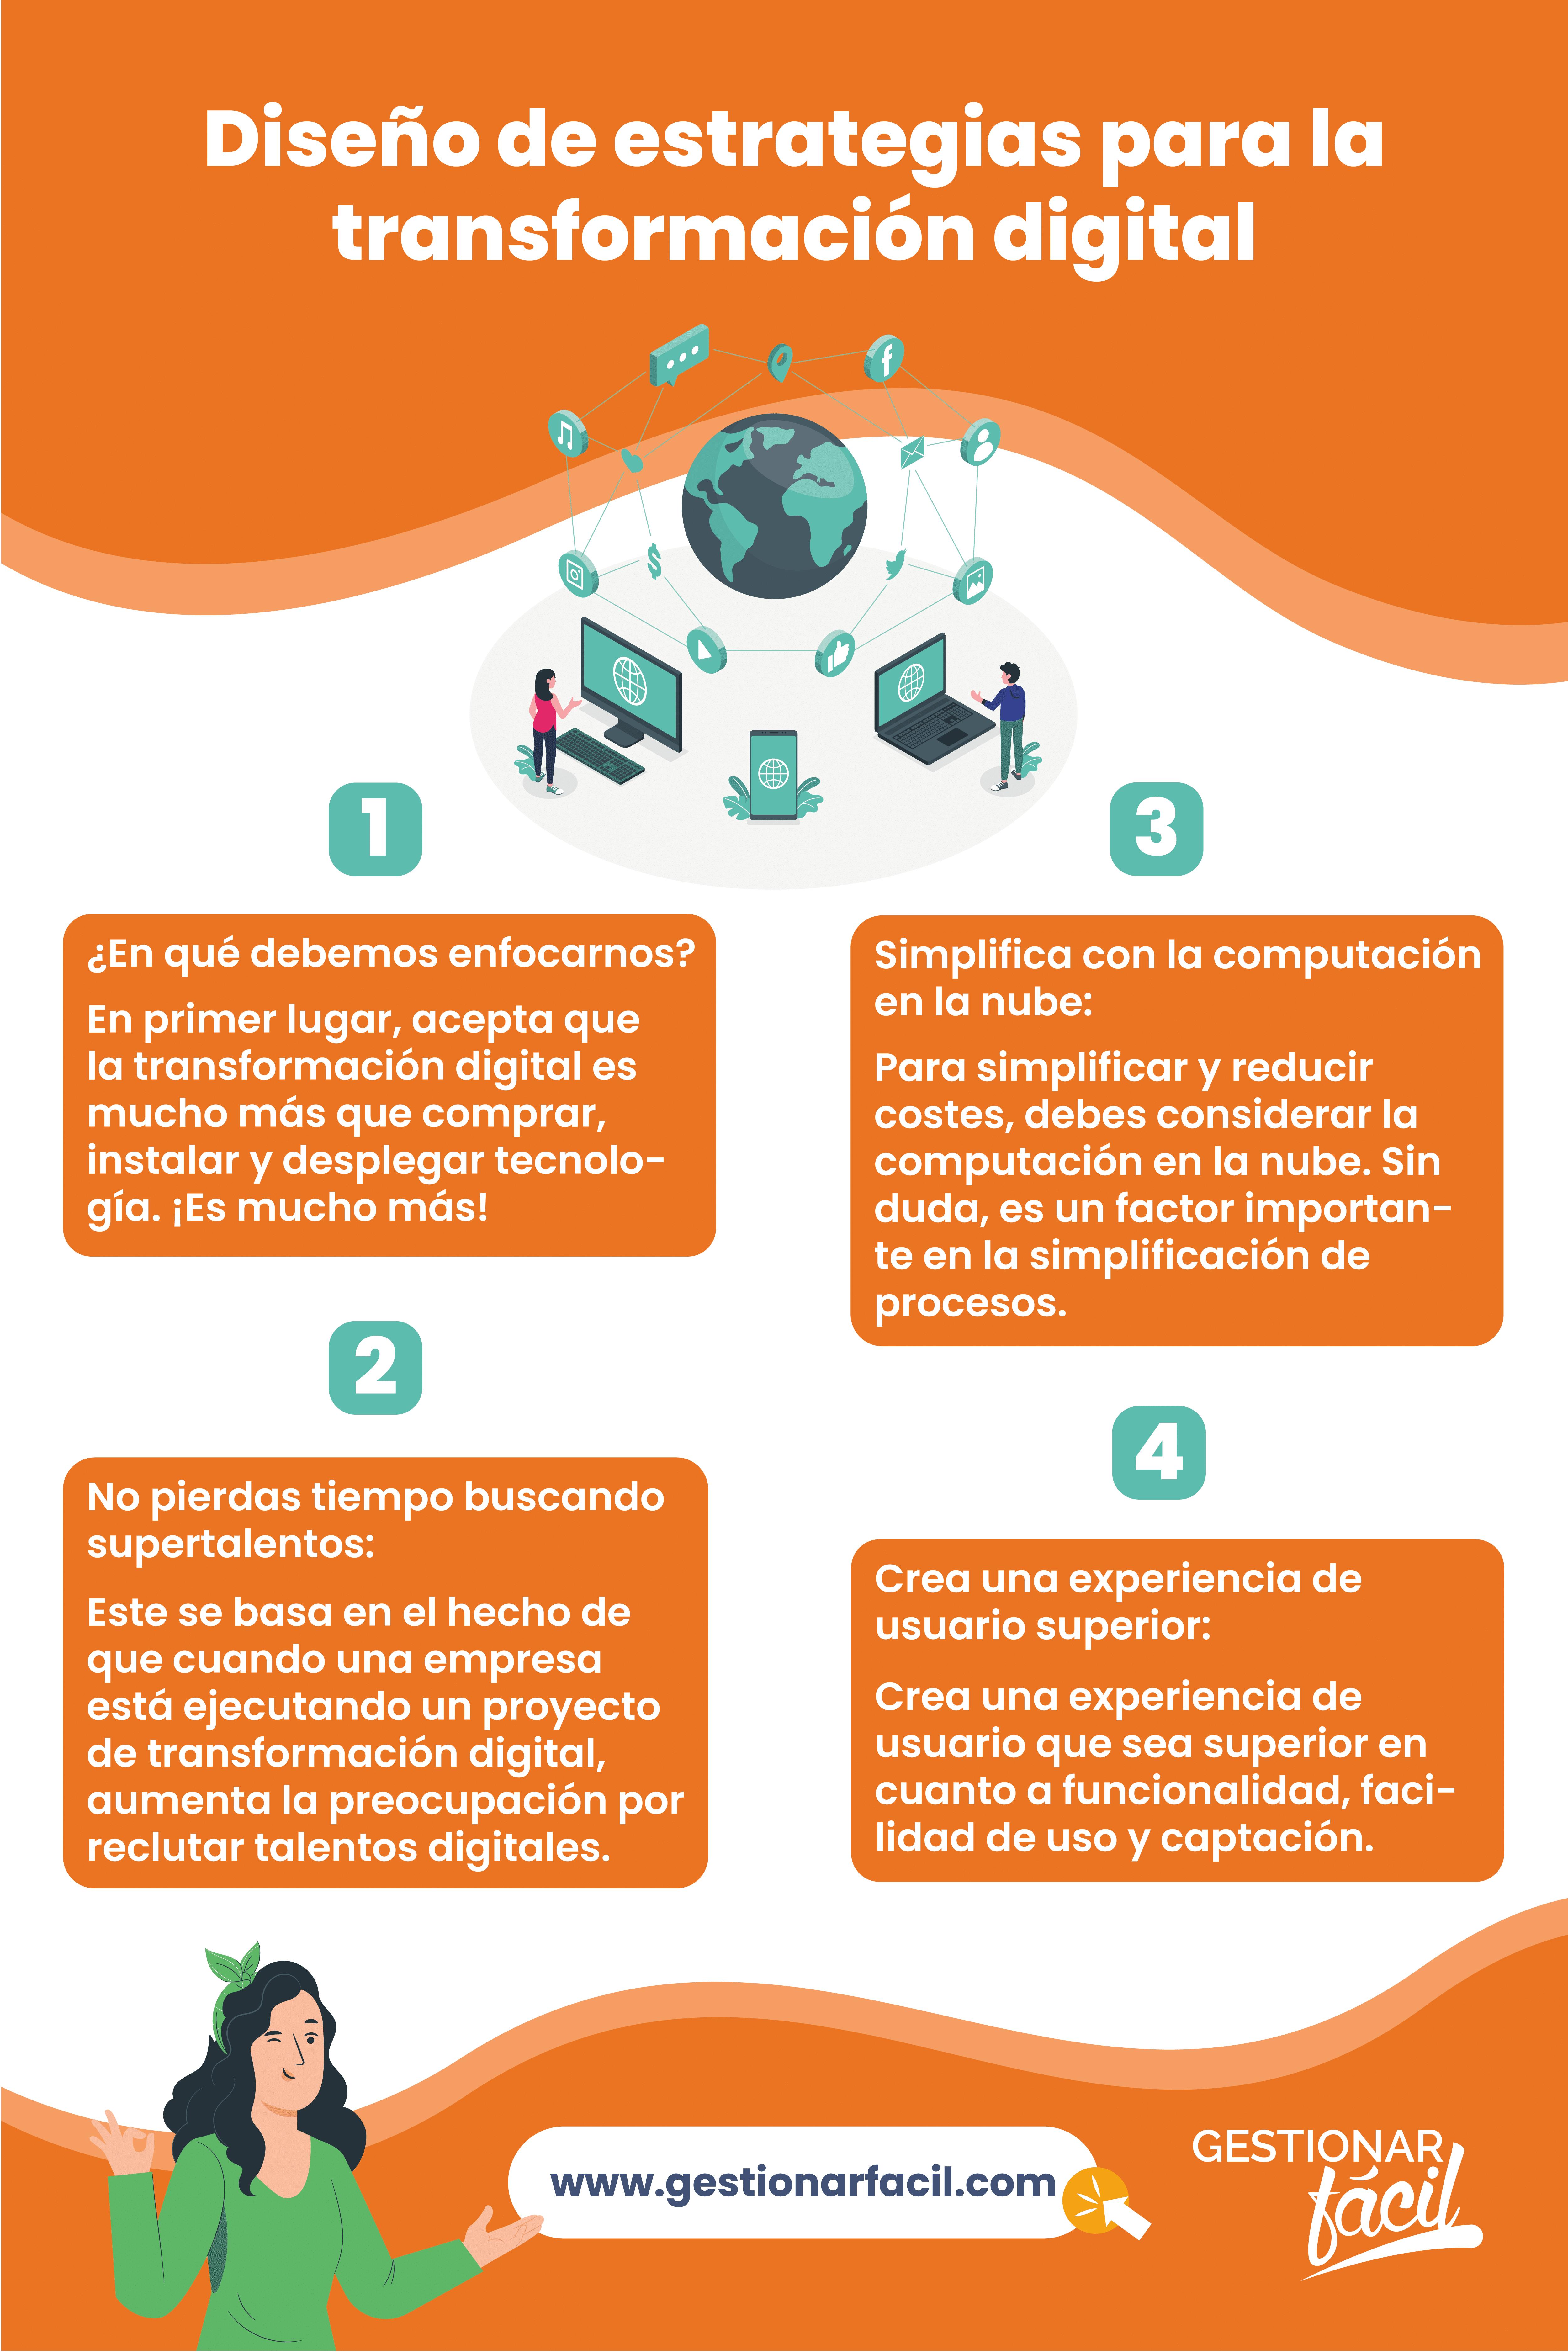 Diseño de estrategias para la transformación digital.